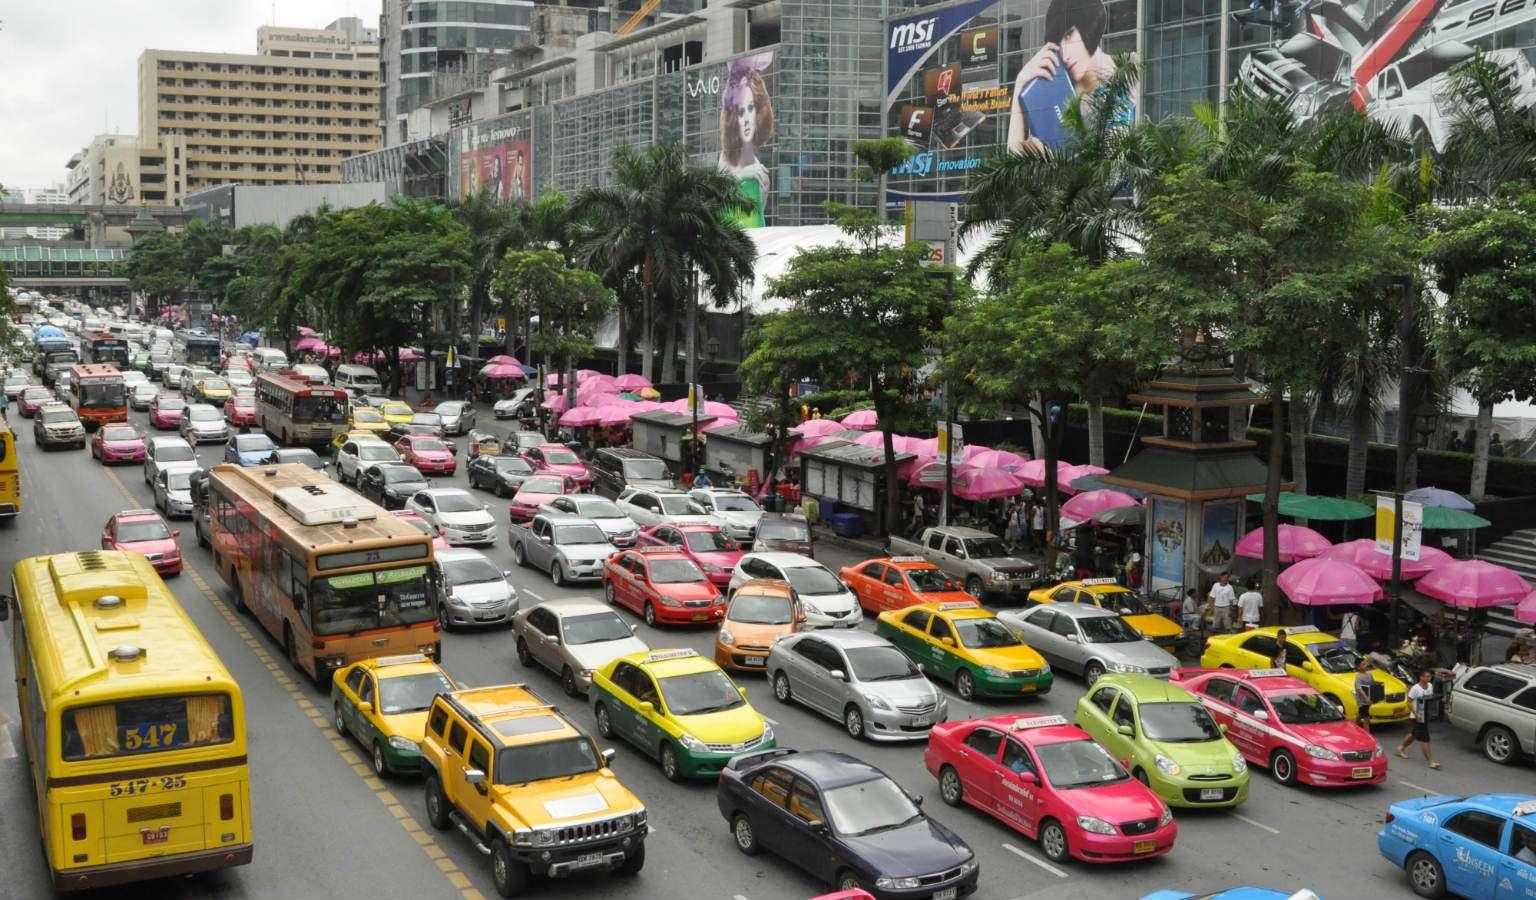 Personen auto's en gele, blauwe en groene taxi's in de file.